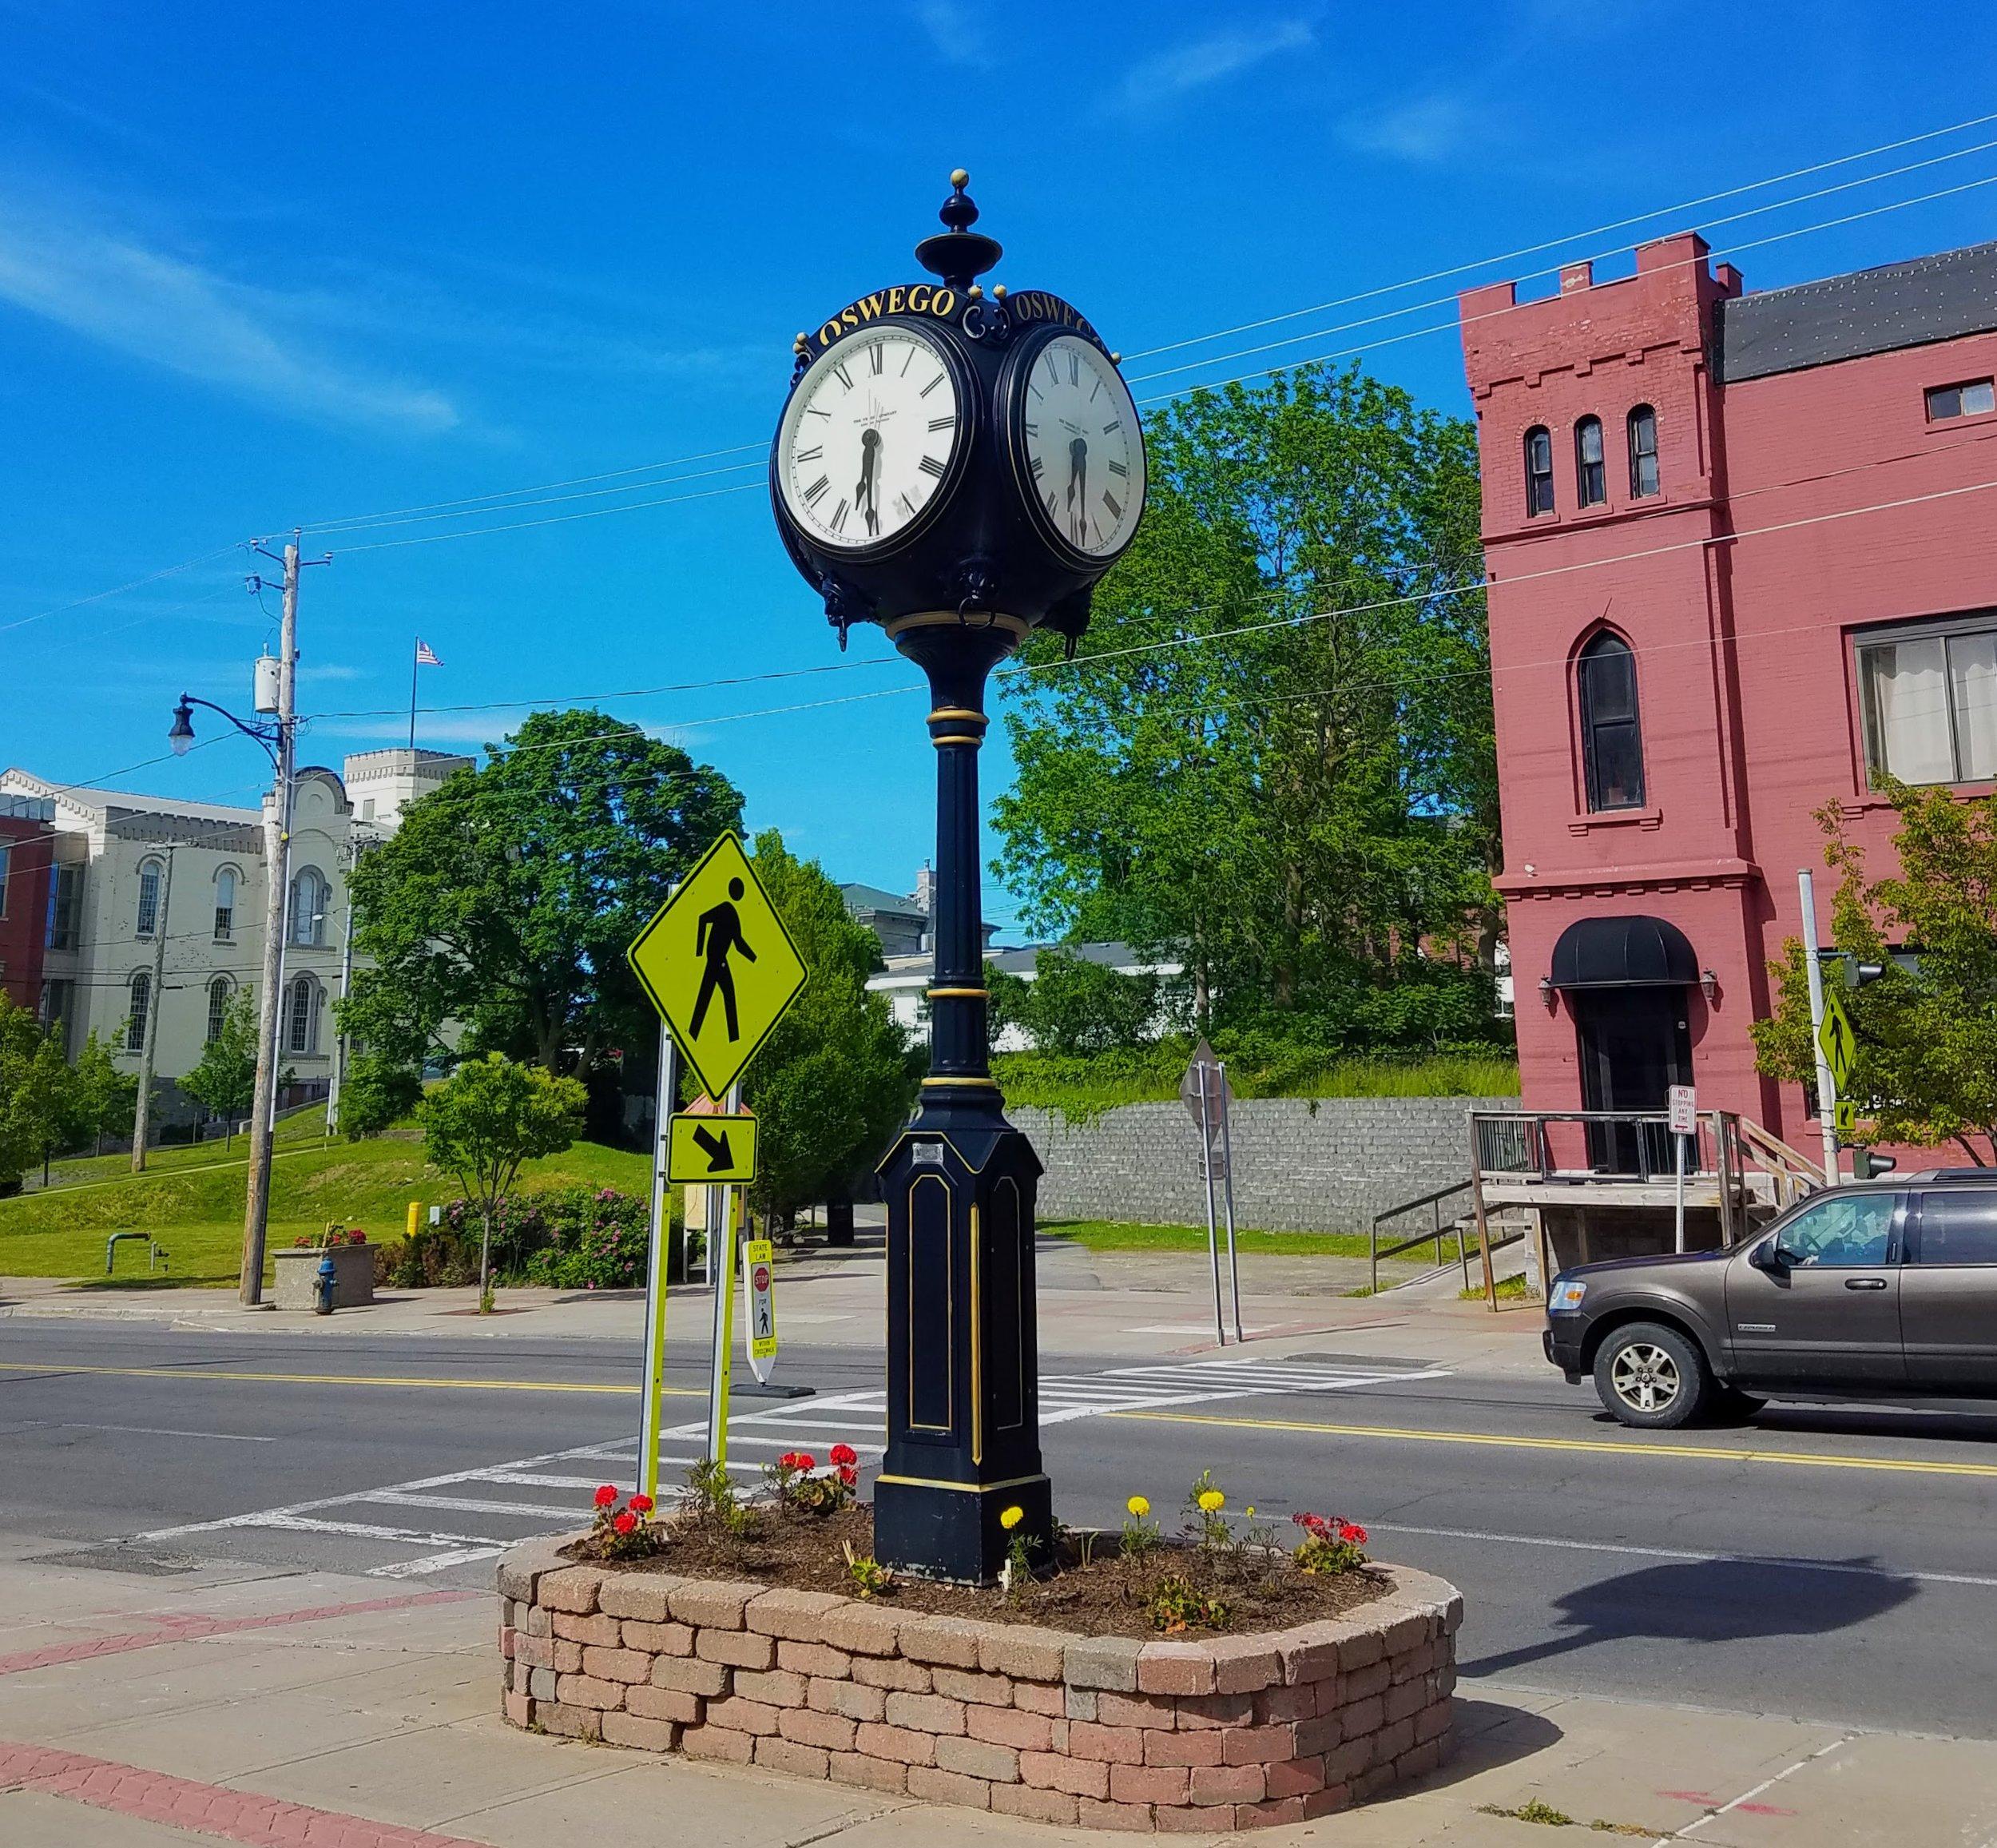 The Oswego City clock